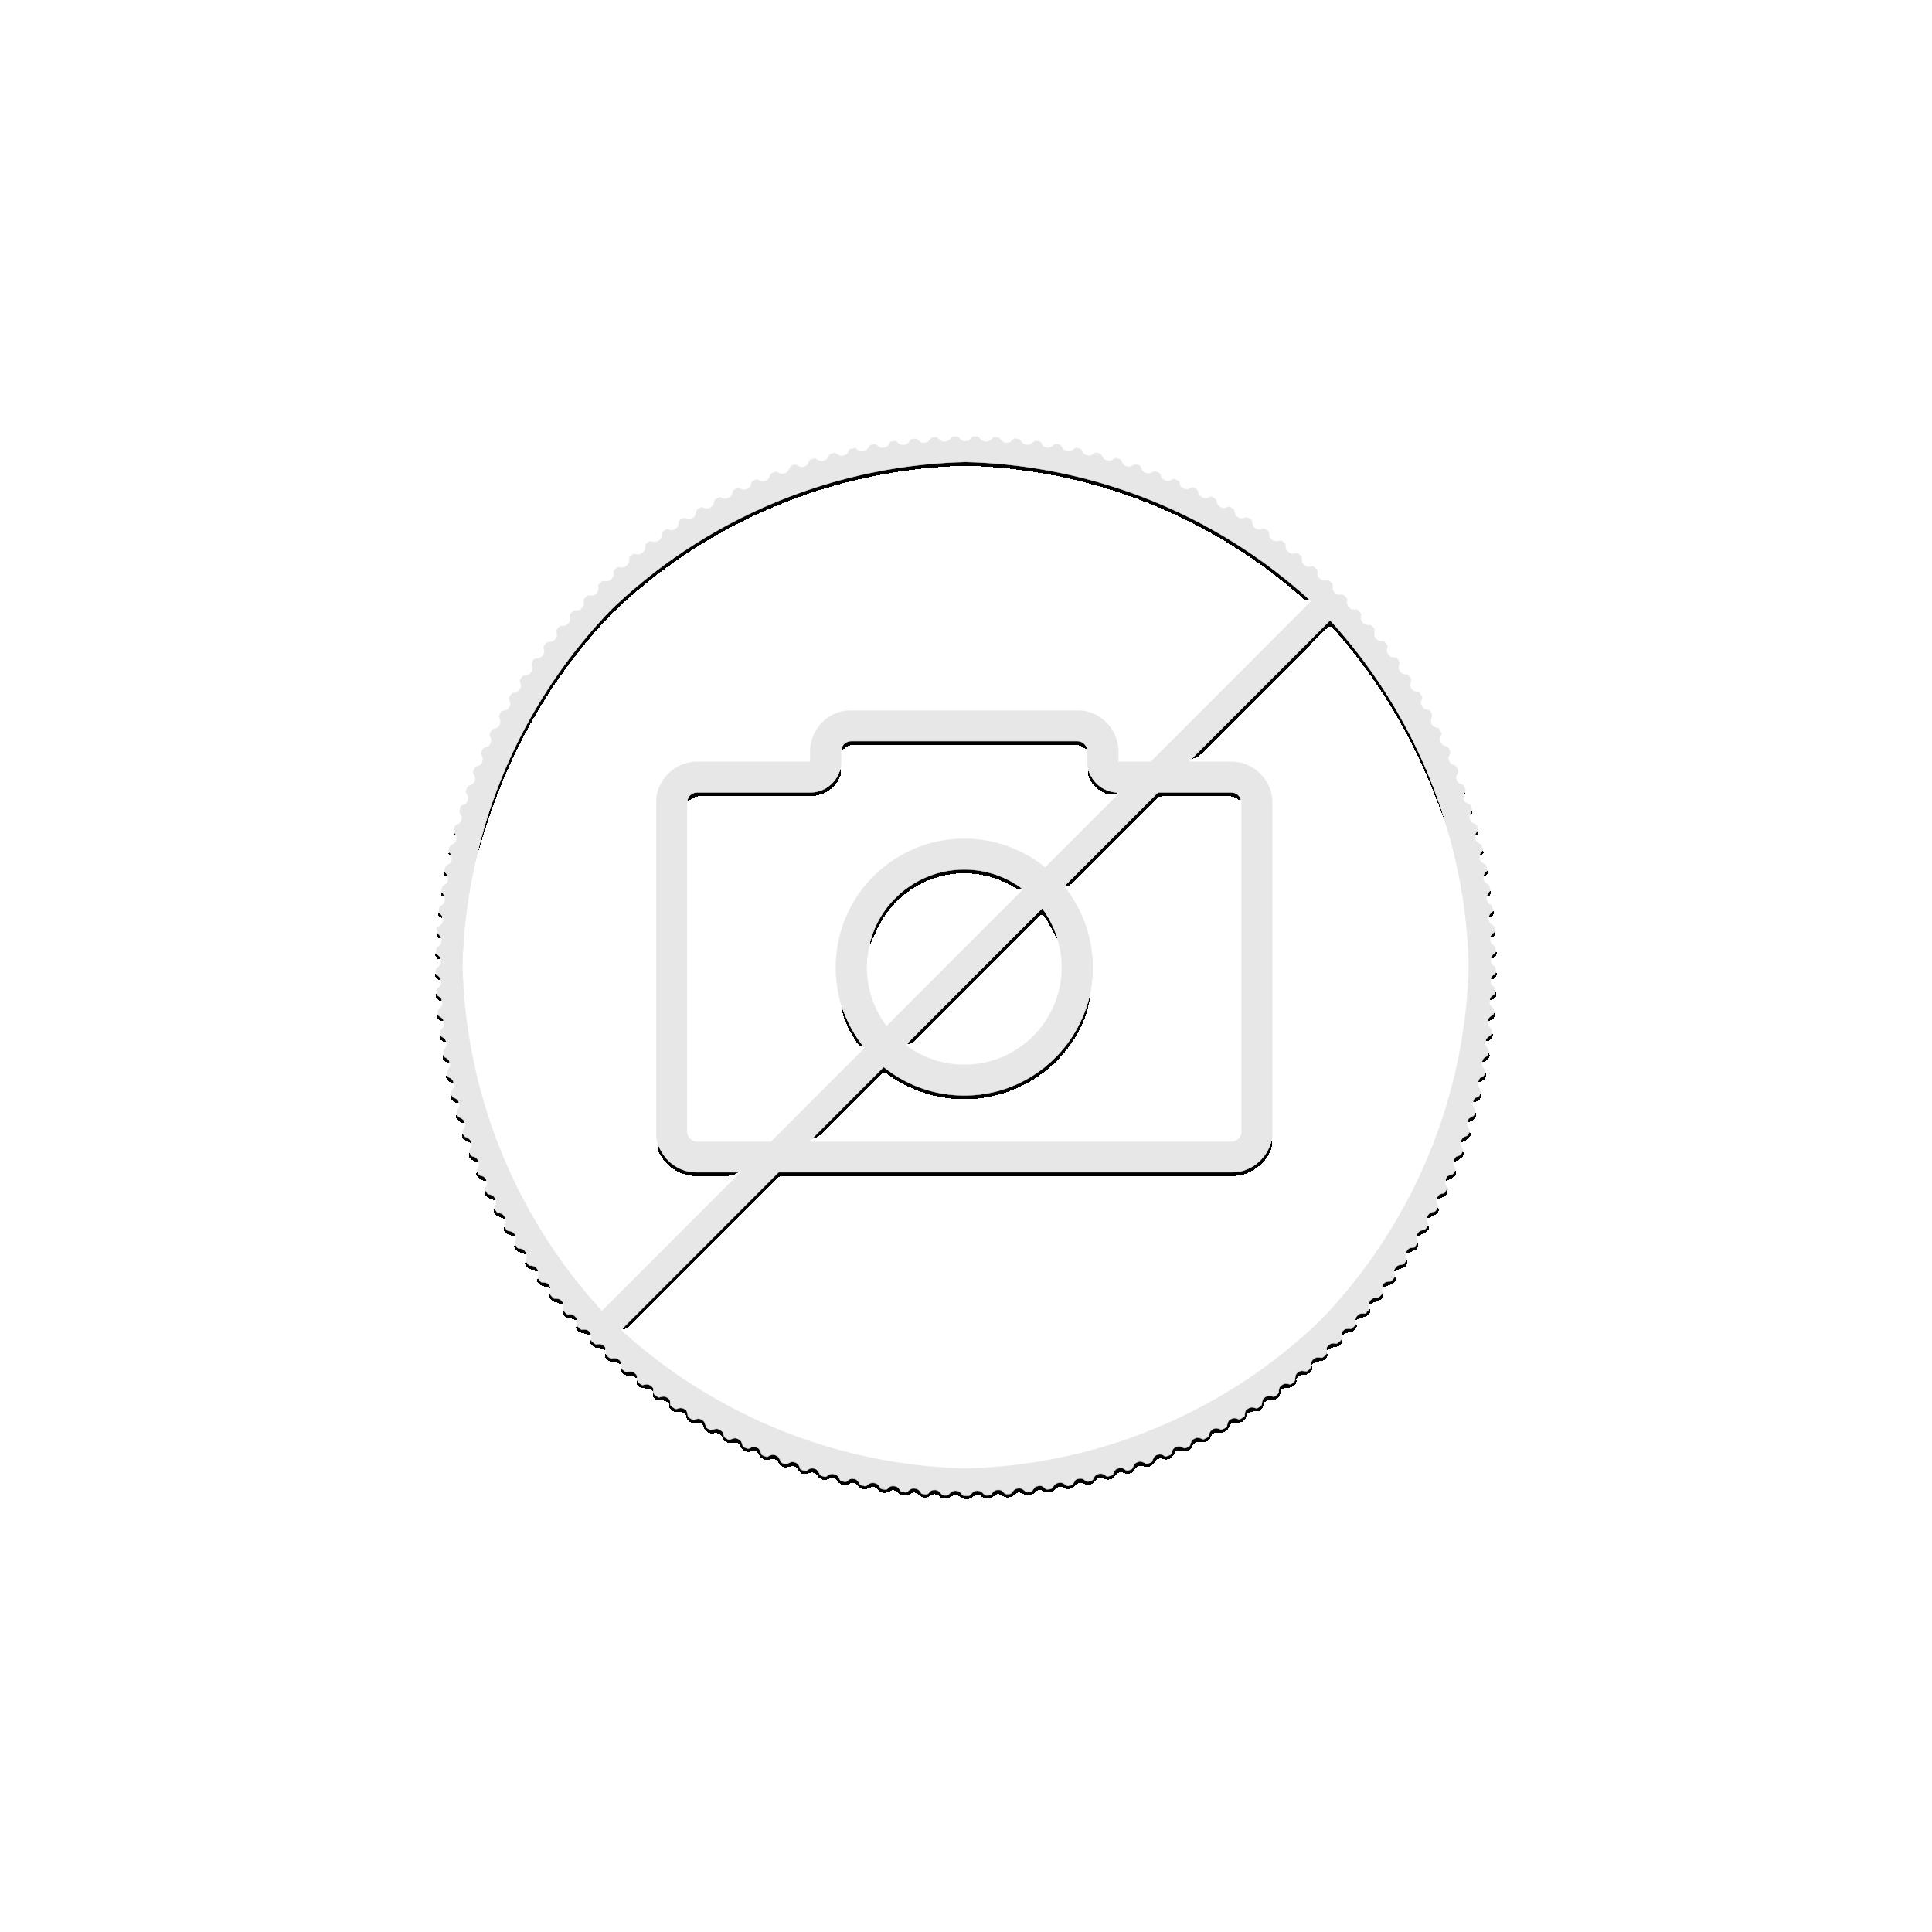 1 Kilo zilveren munt Kookaburra 1992 circulated conditie